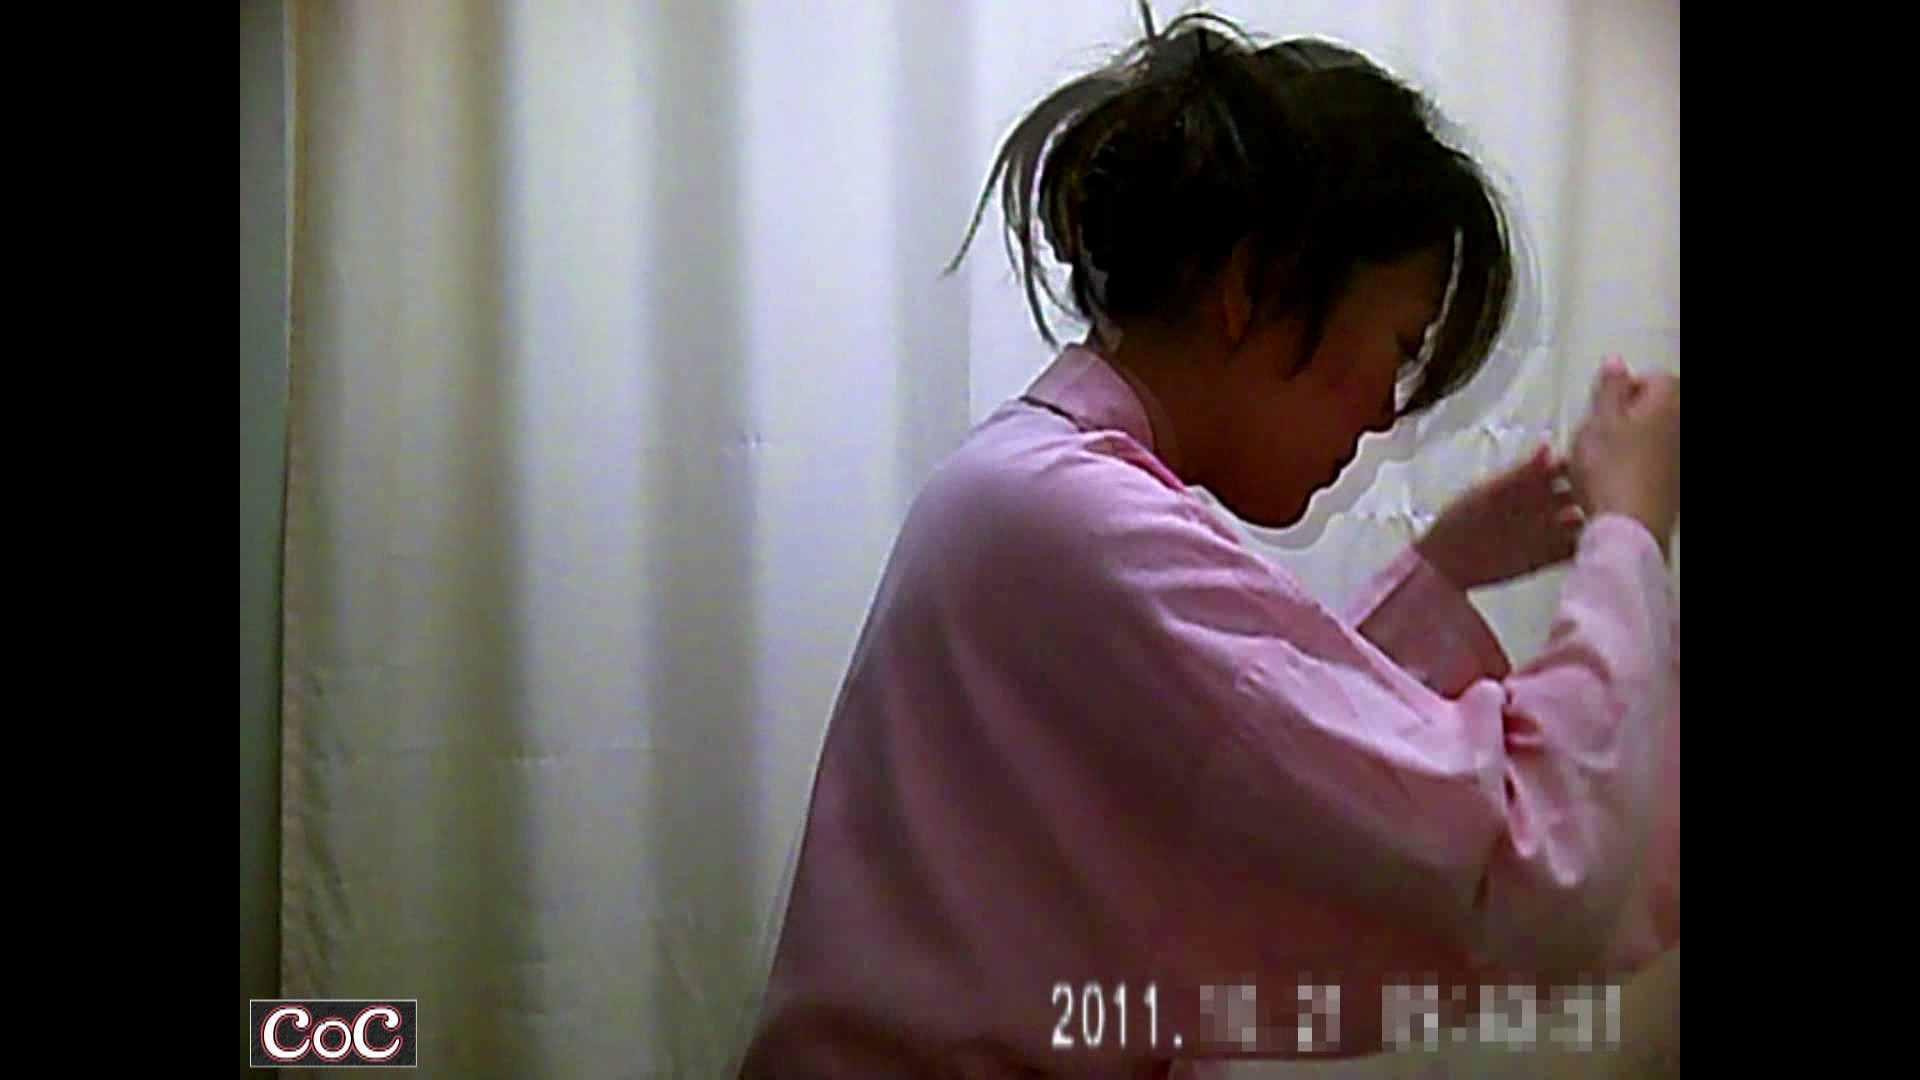 病院おもいっきり着替え! vol.67 貧乳 すけべAV動画紹介 91PICs 13